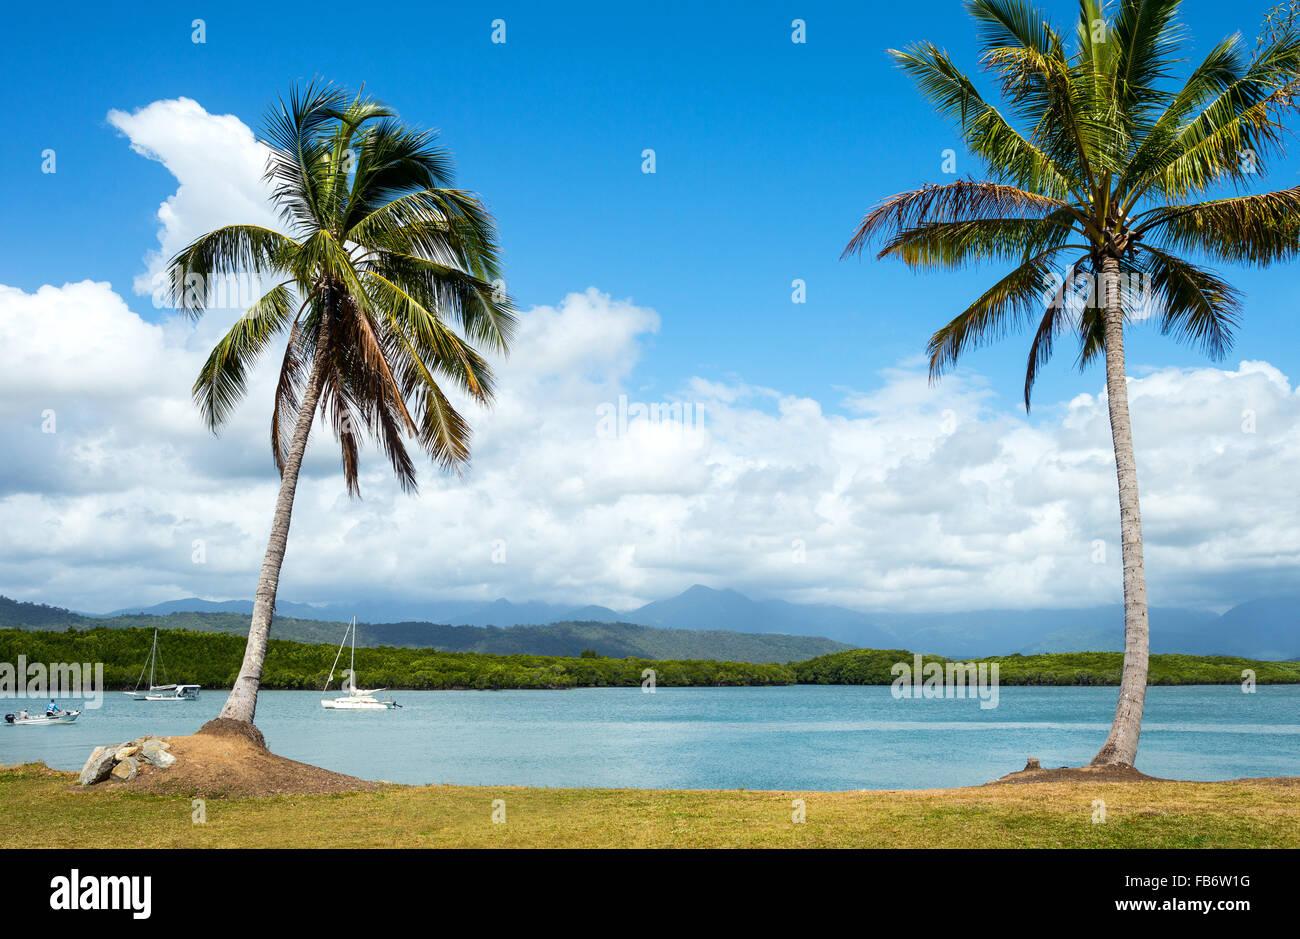 Australien, Queensland, Port Douglas, Palmen direkt am Meer Stockbild